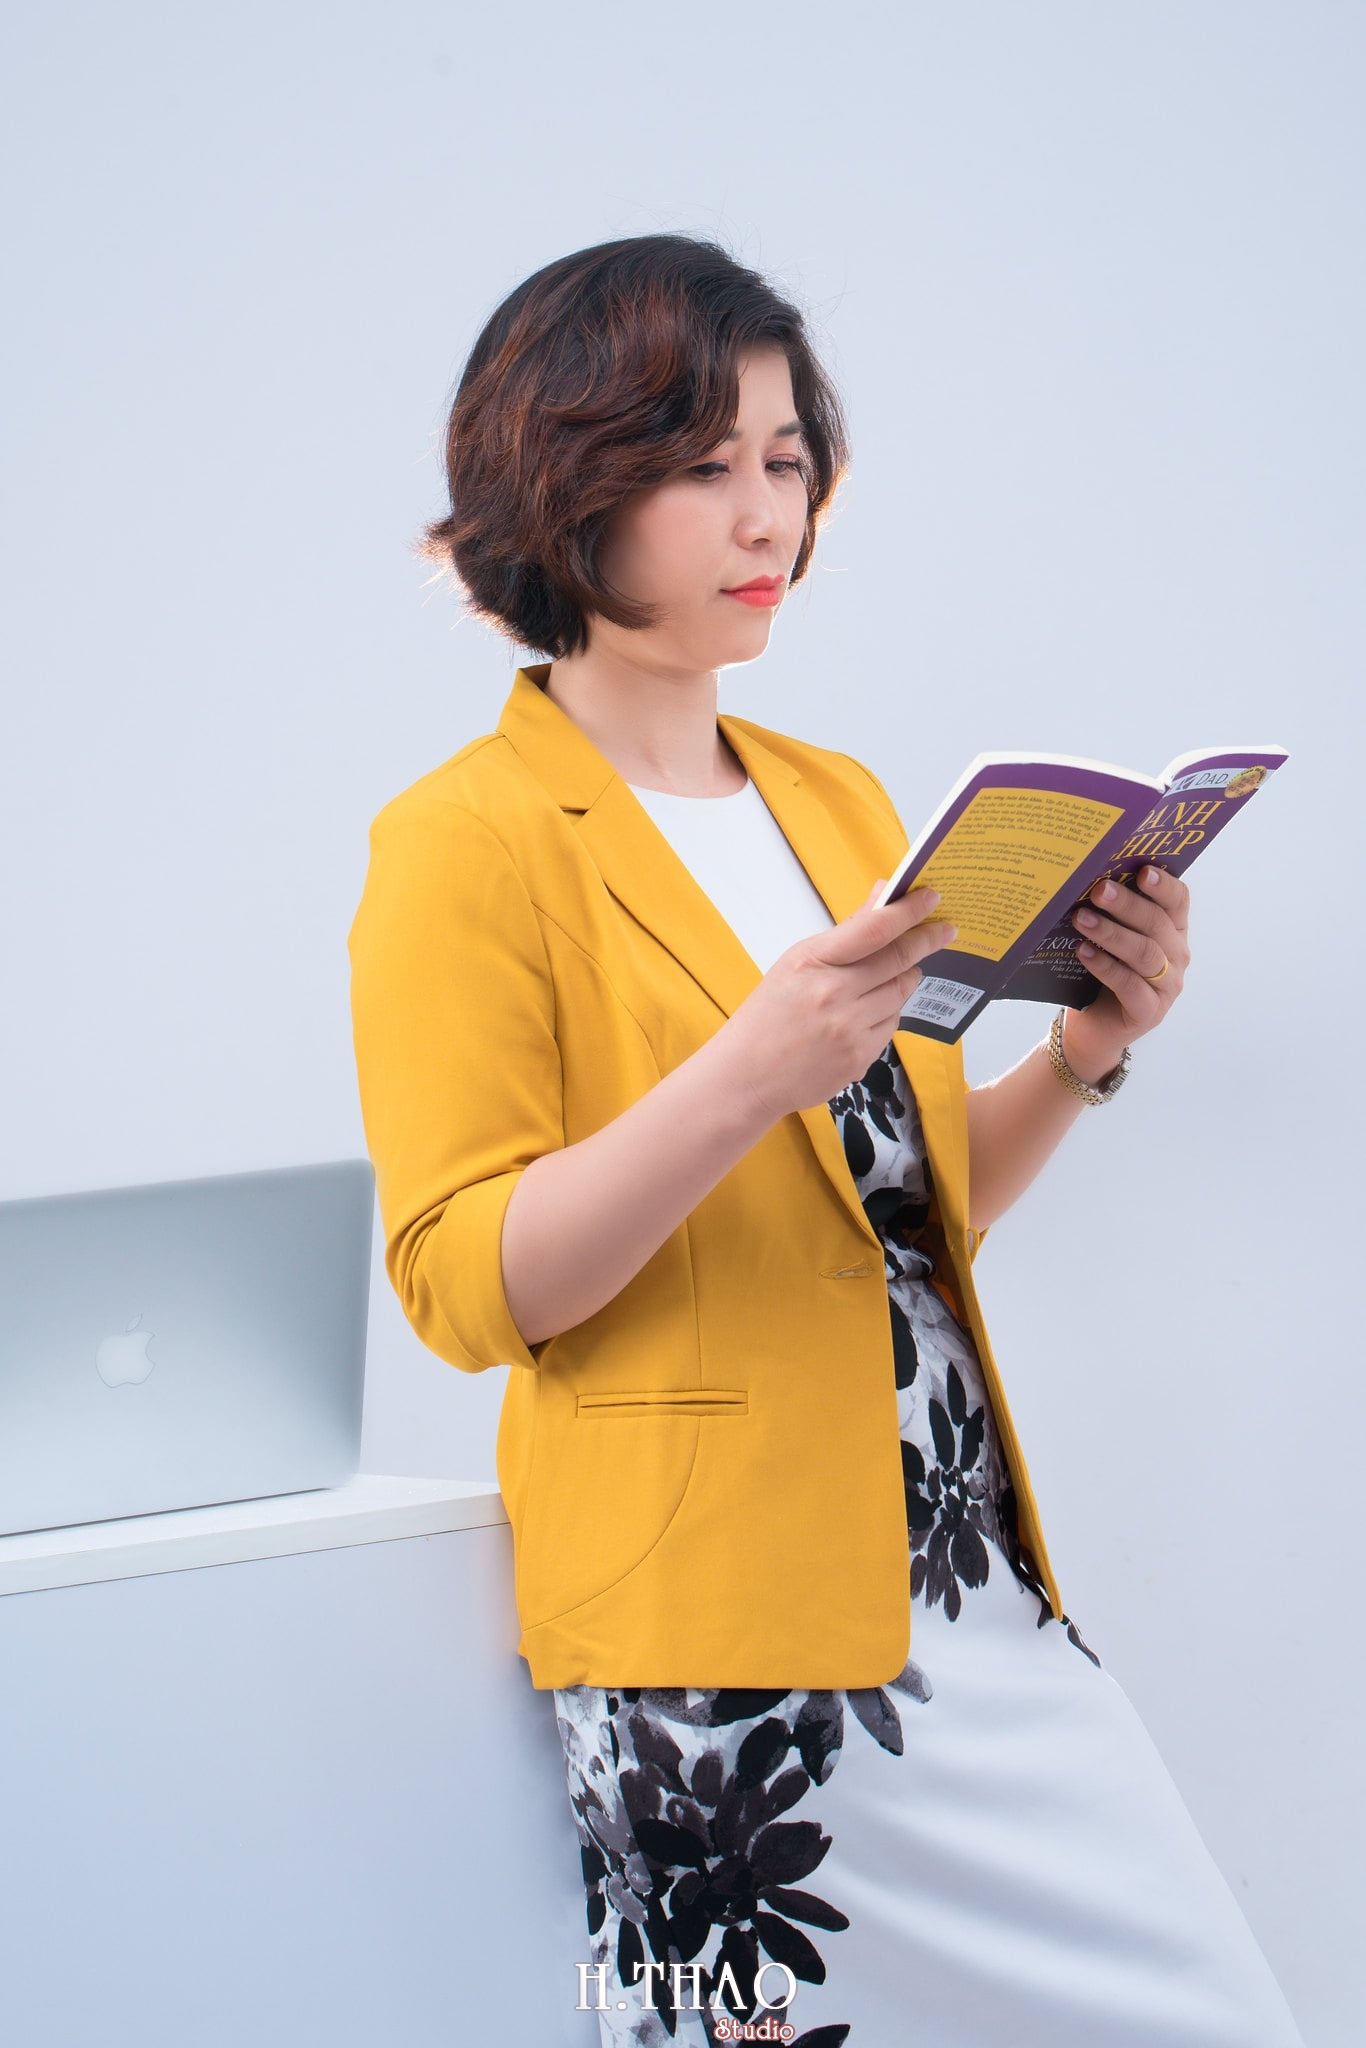 chan dung nu 10 - Album ảnh doanh nhân chị Quỳnh sang trọng, quý phái - HThao Studio